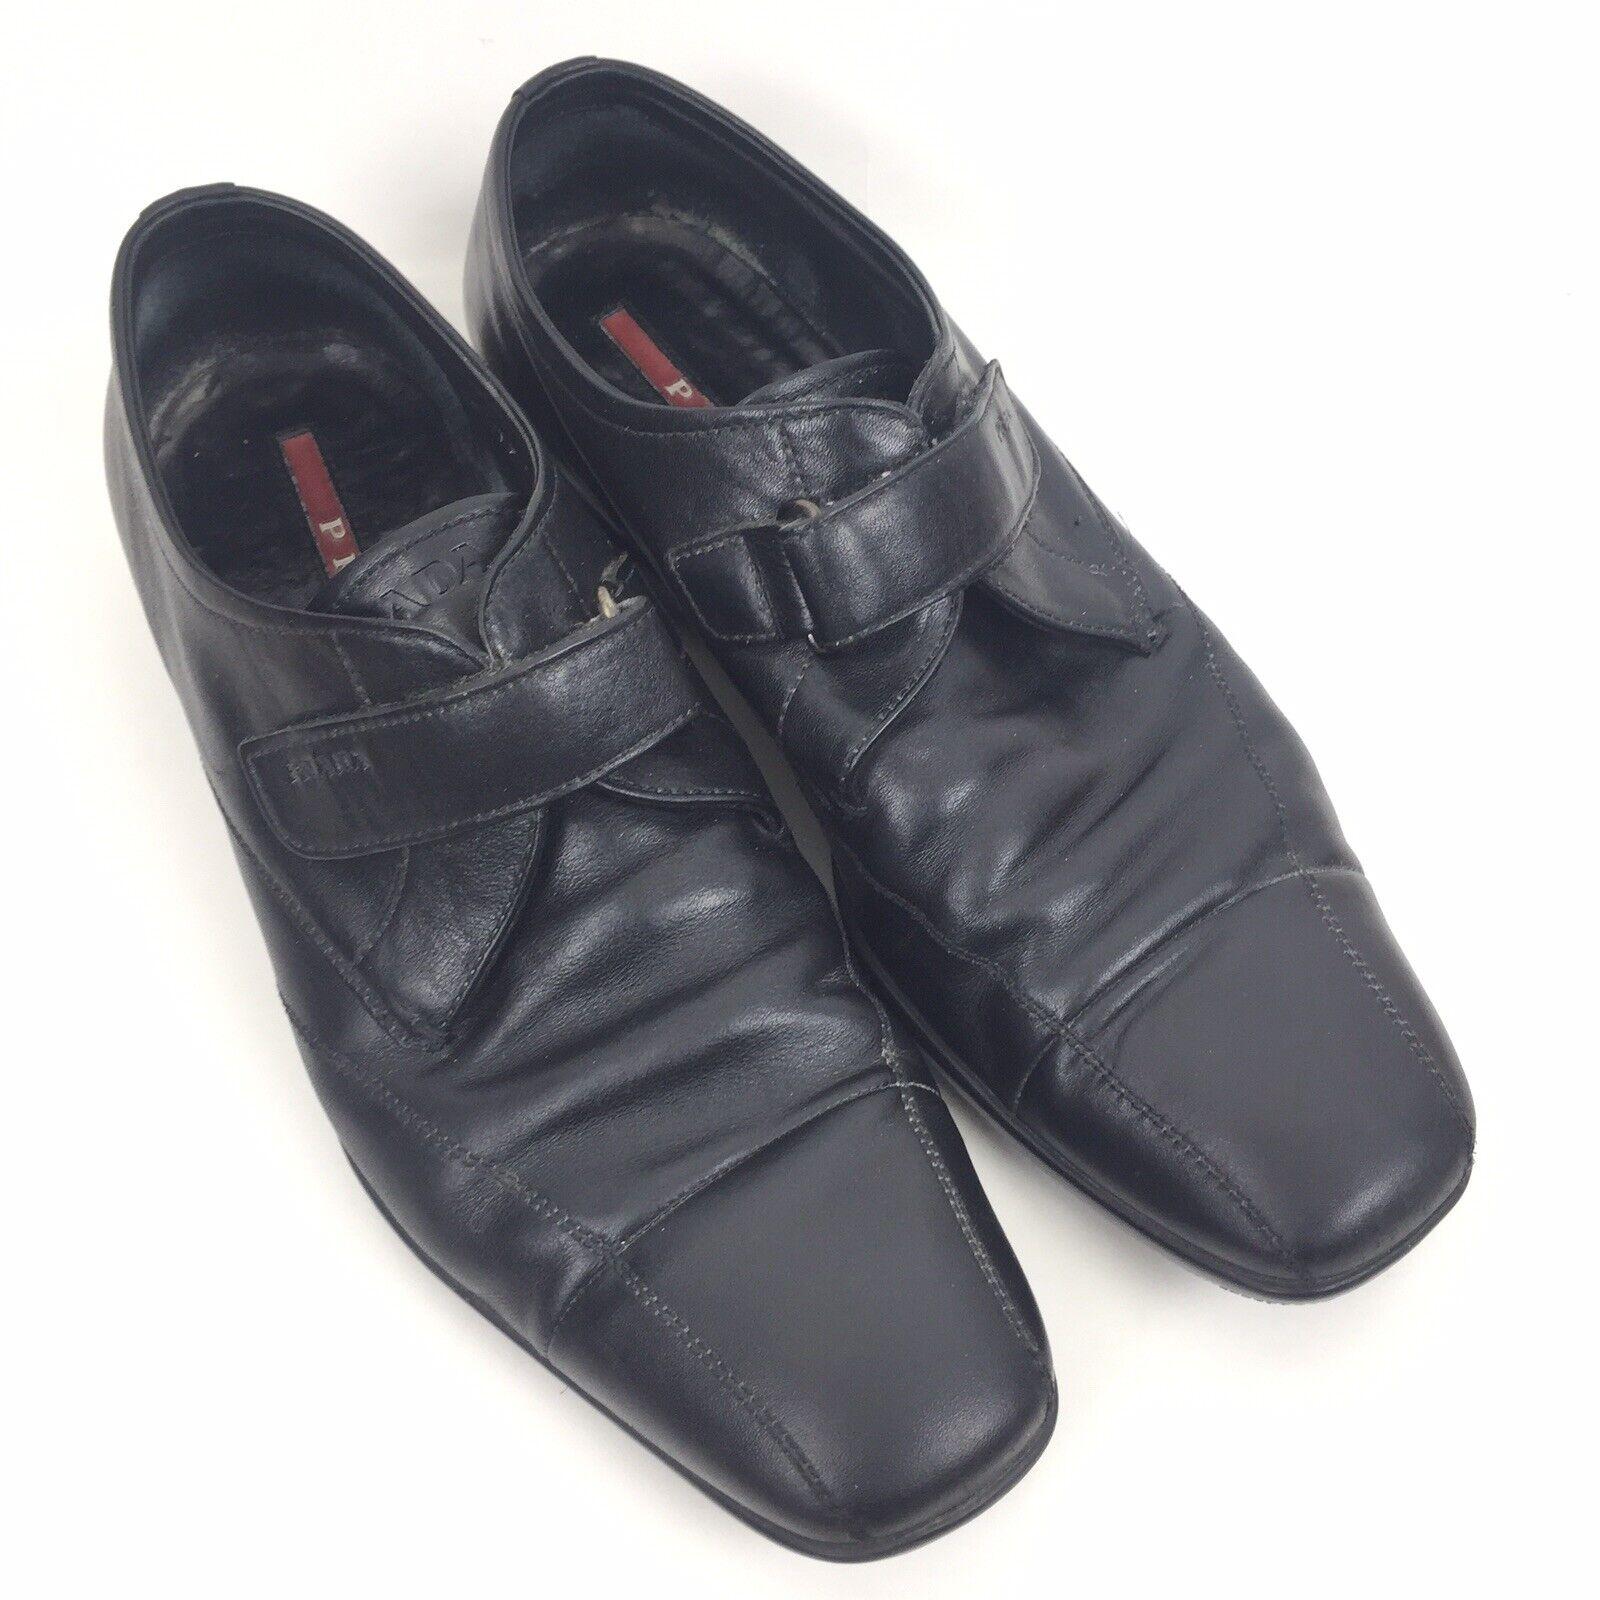 Para Hombre Prada Tamaño dedo del pie cuadrado 7 US 8 Cuero Velcro Mocasines Negro Hecho Italia